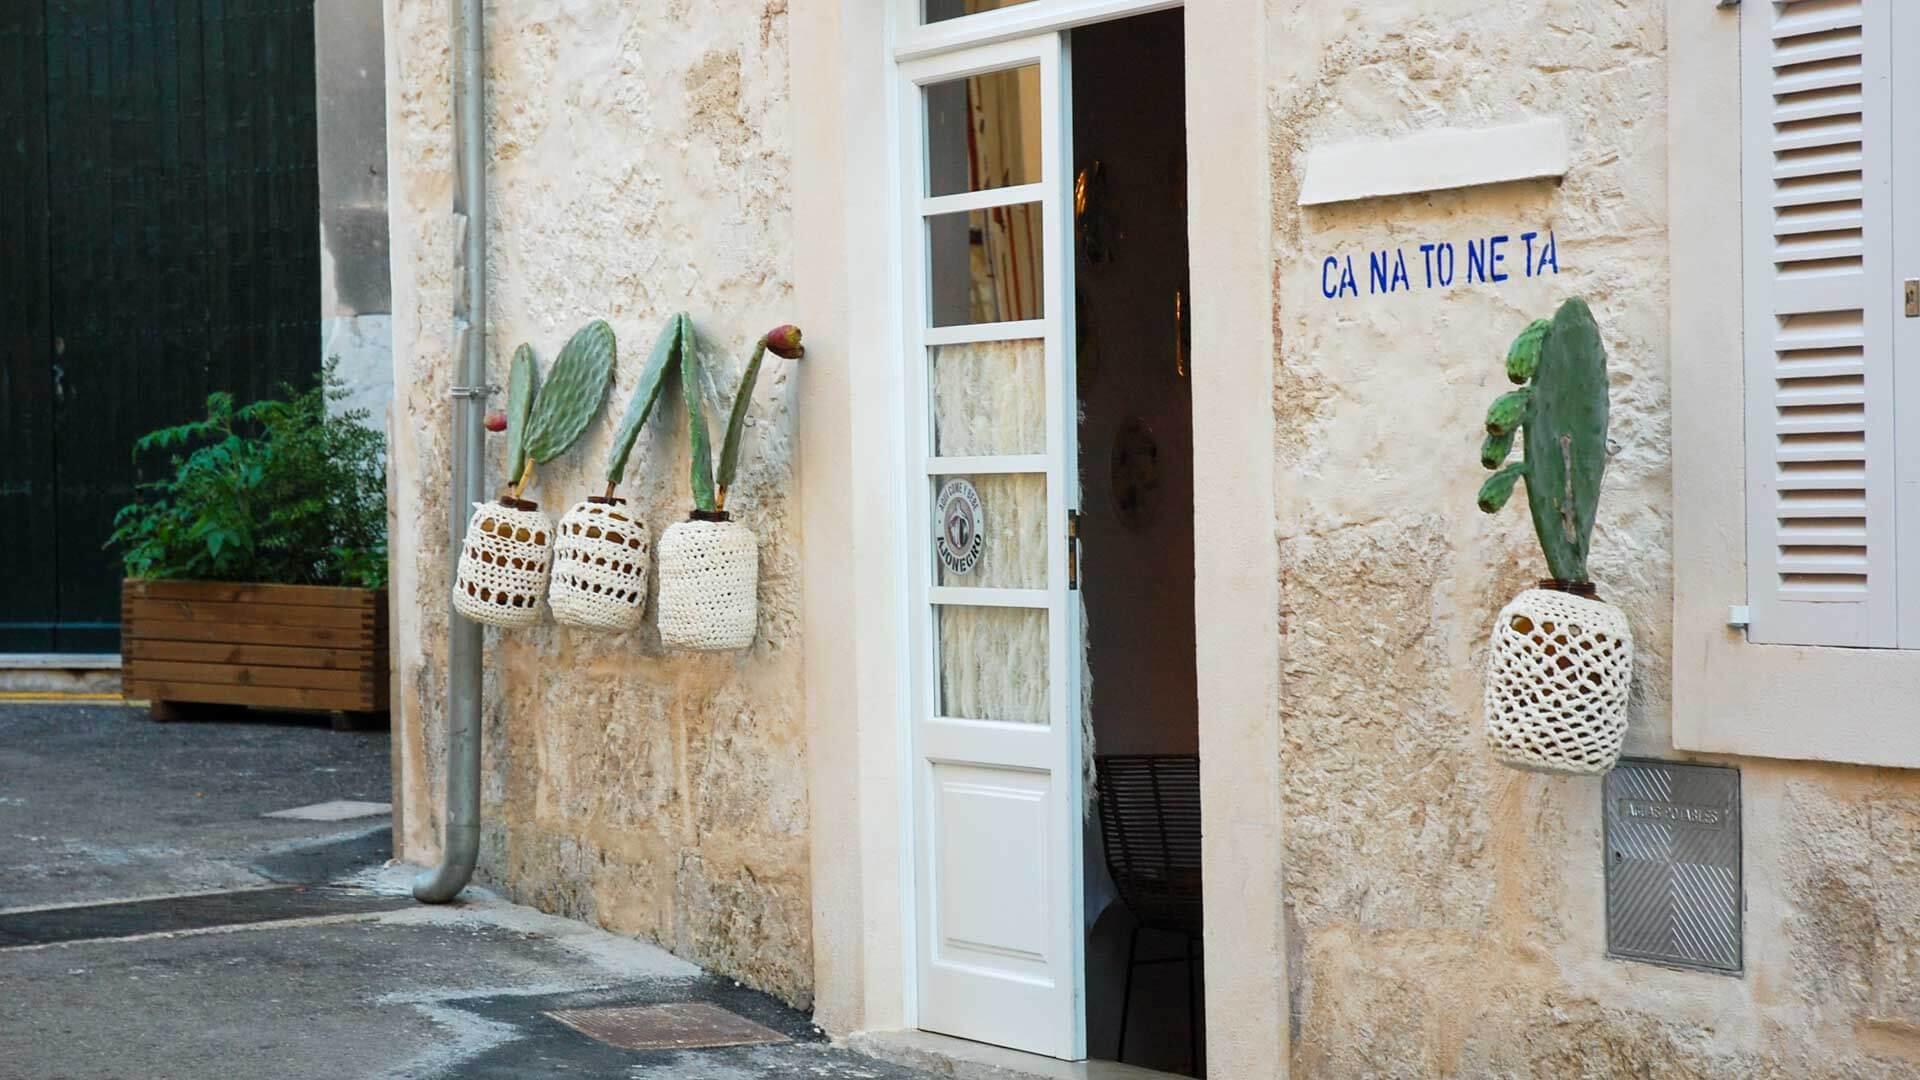 Mallorca Restaurant Ca Na To Ne Ta